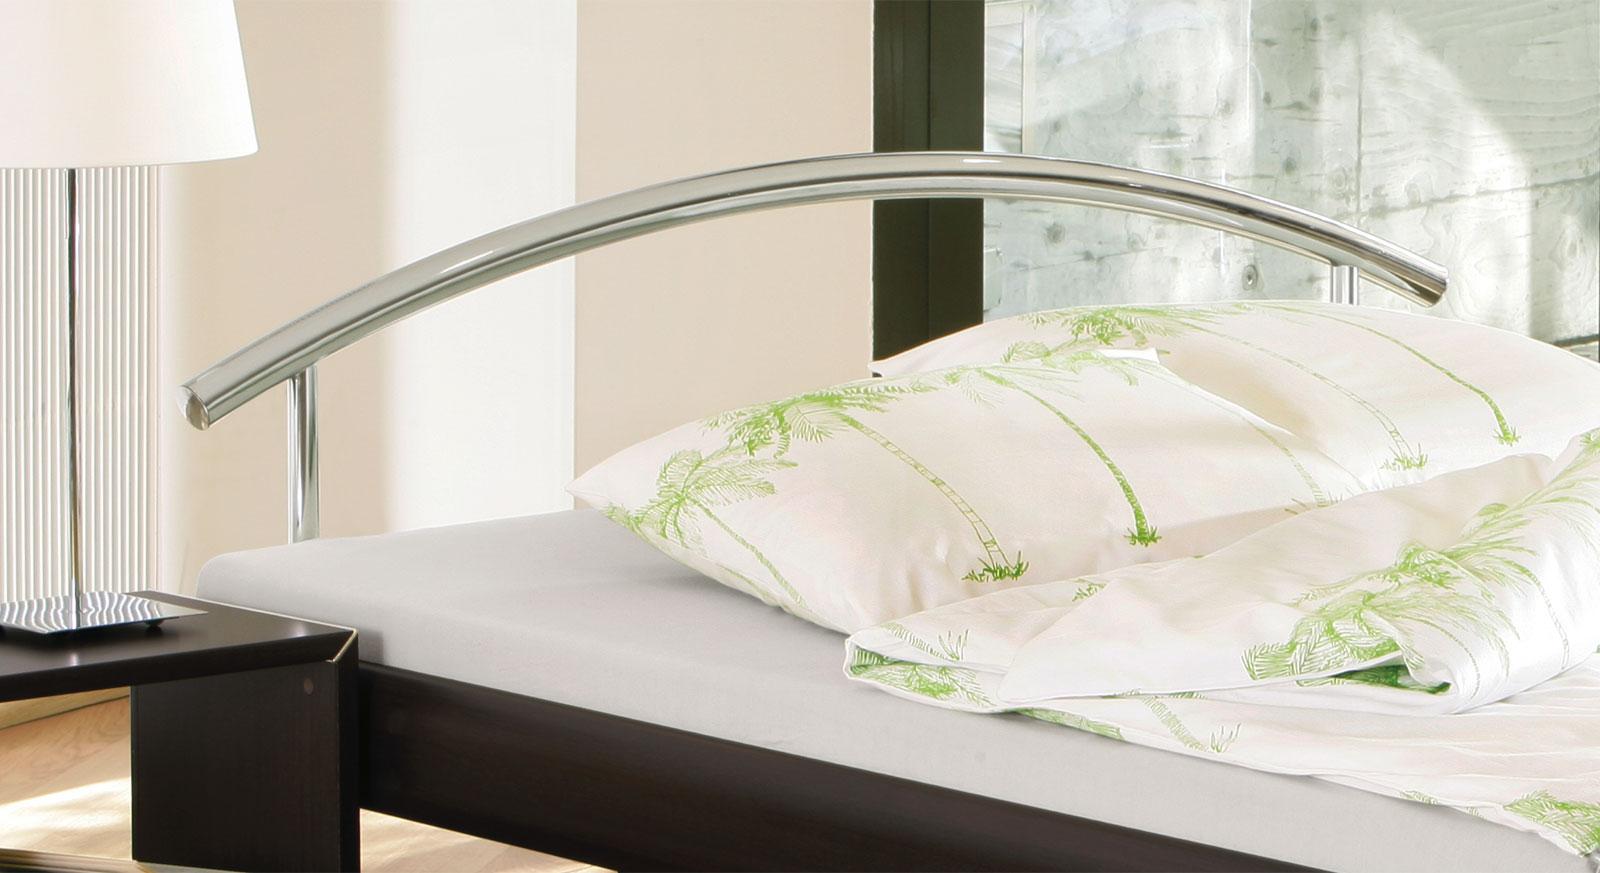 Designerbett Parla Metall Kopfteil bogenförmig tolles Design